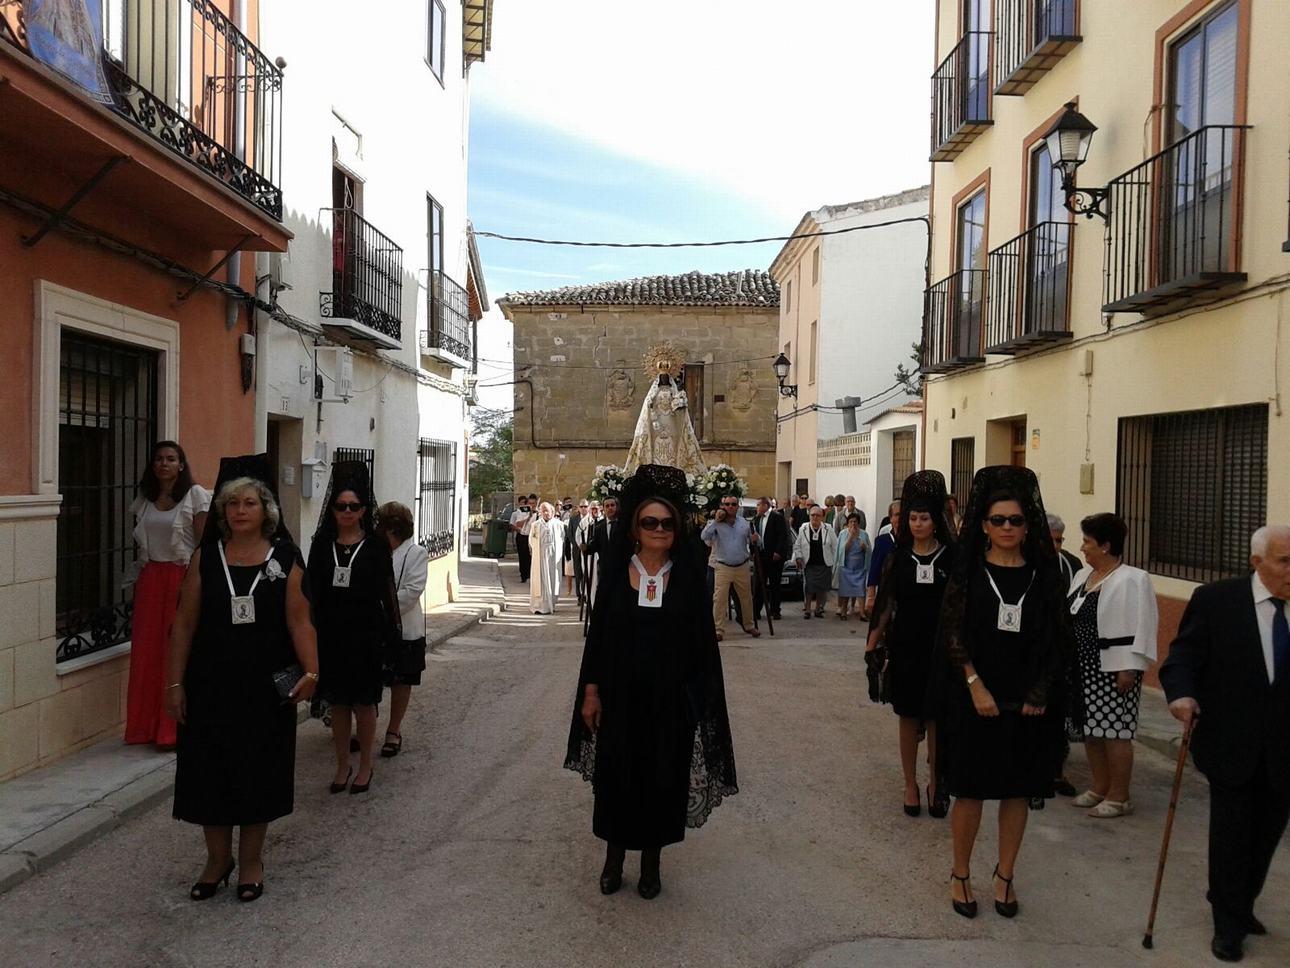 J Procesión a la Virgen